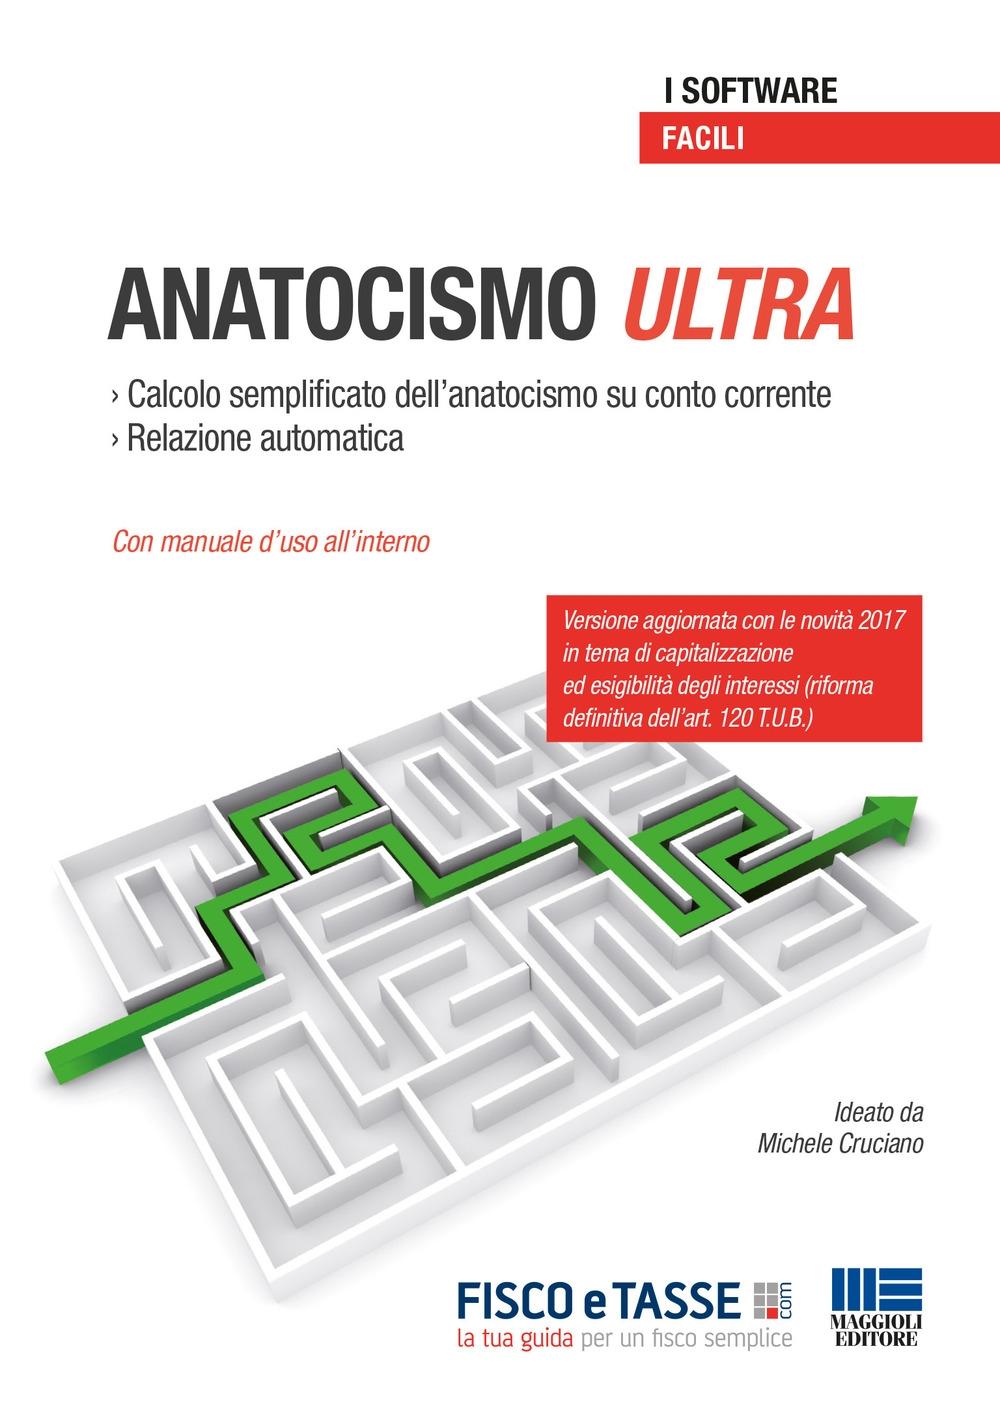 Anatocismo ultra